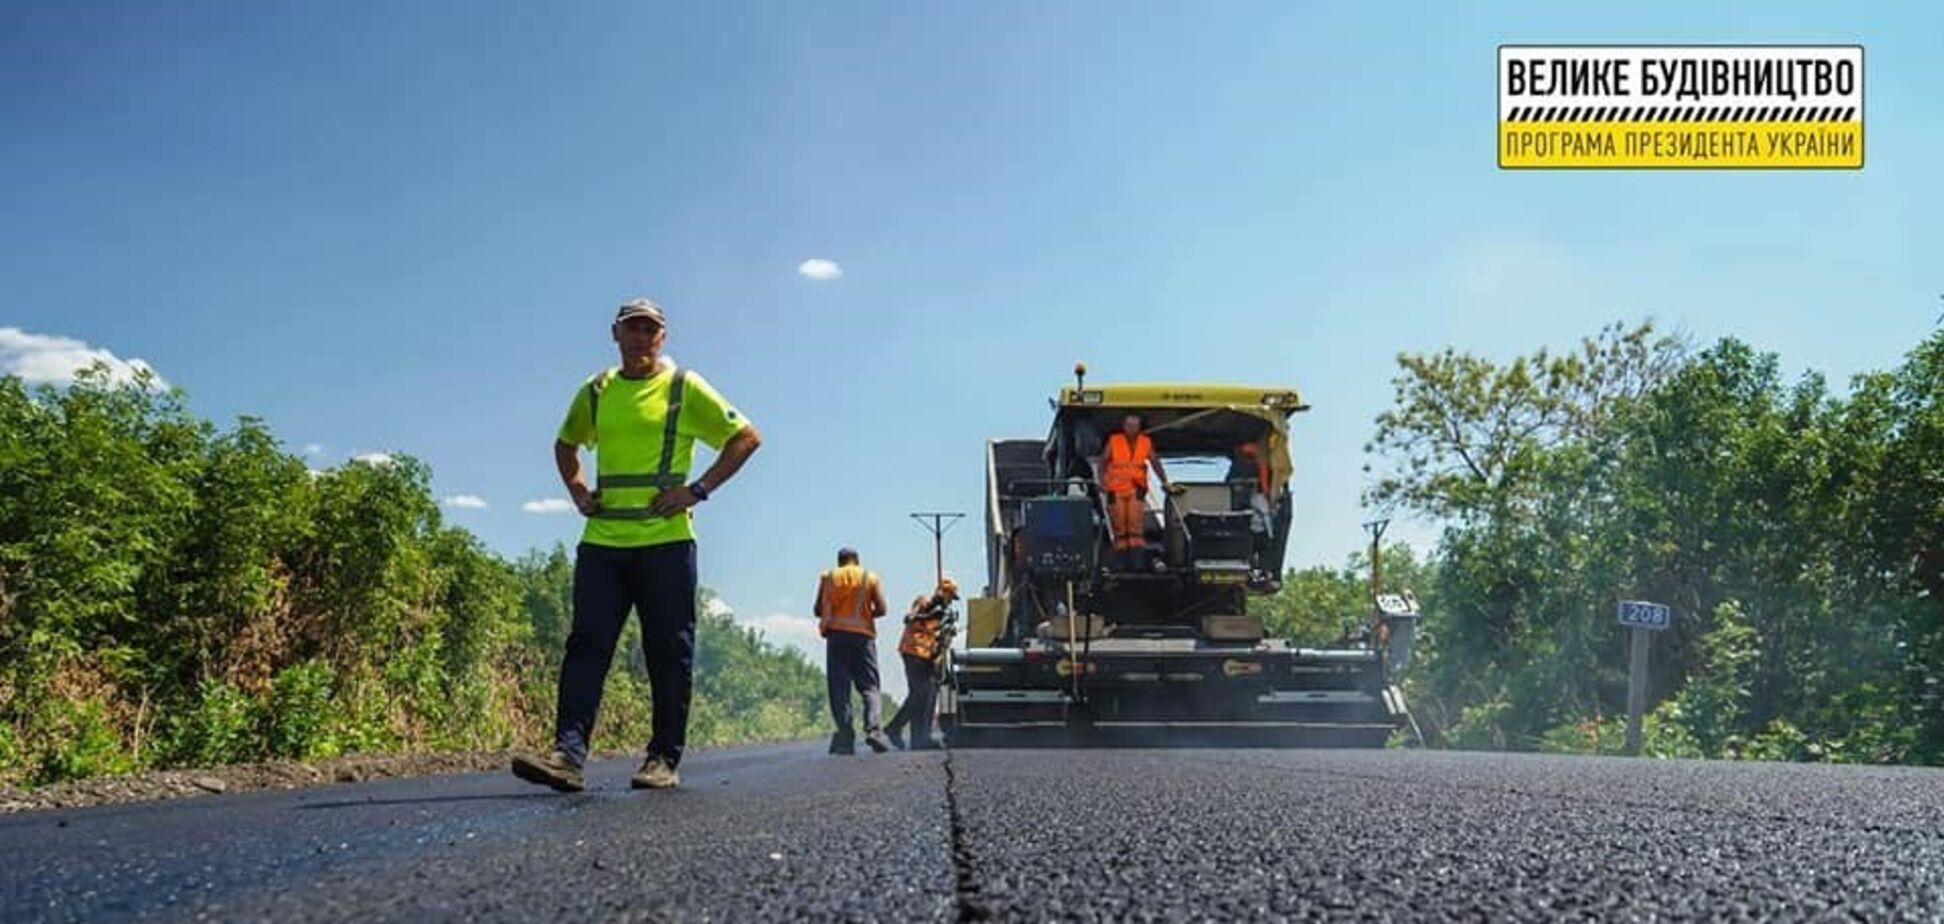 """На Луганщині """"Автомагістраль-Південь"""" завершує поточний середній ремонт траси Н-26"""